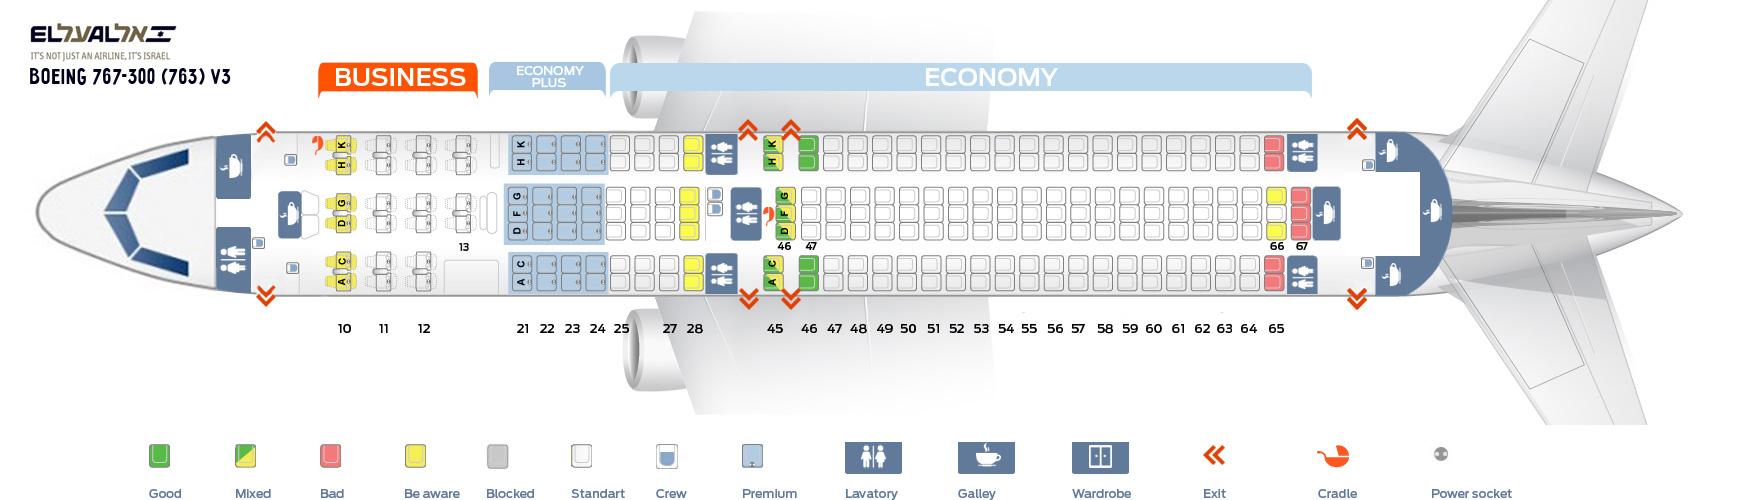 Seat Map Boeing 767-300 (763) V3 EL AL